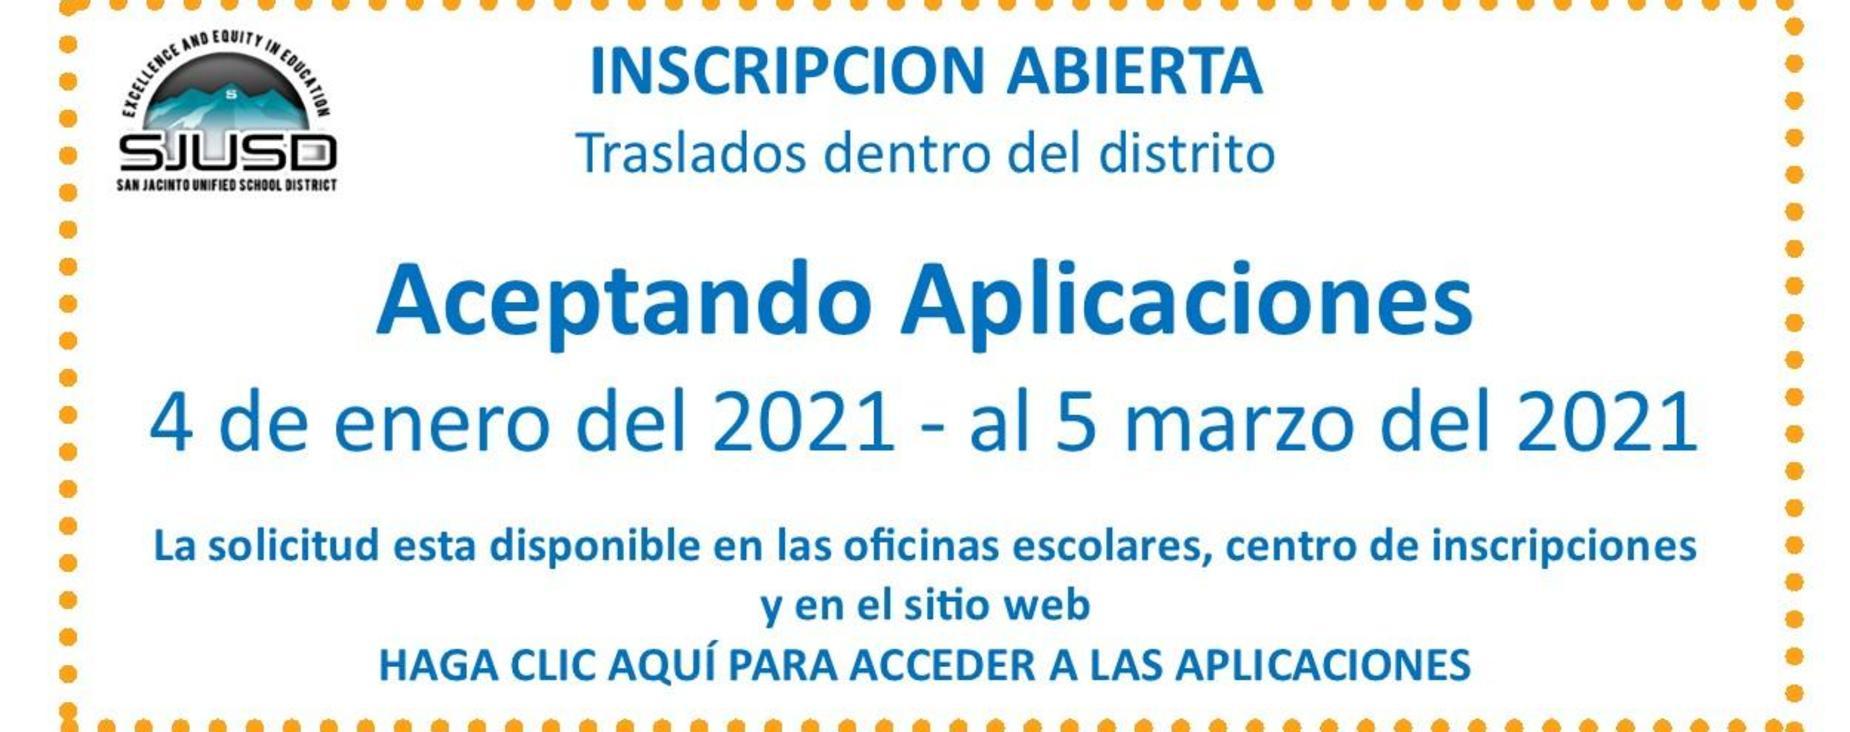 Open enrollment Intradistrict transfers Jan. 4 - Mar. 5, 2021